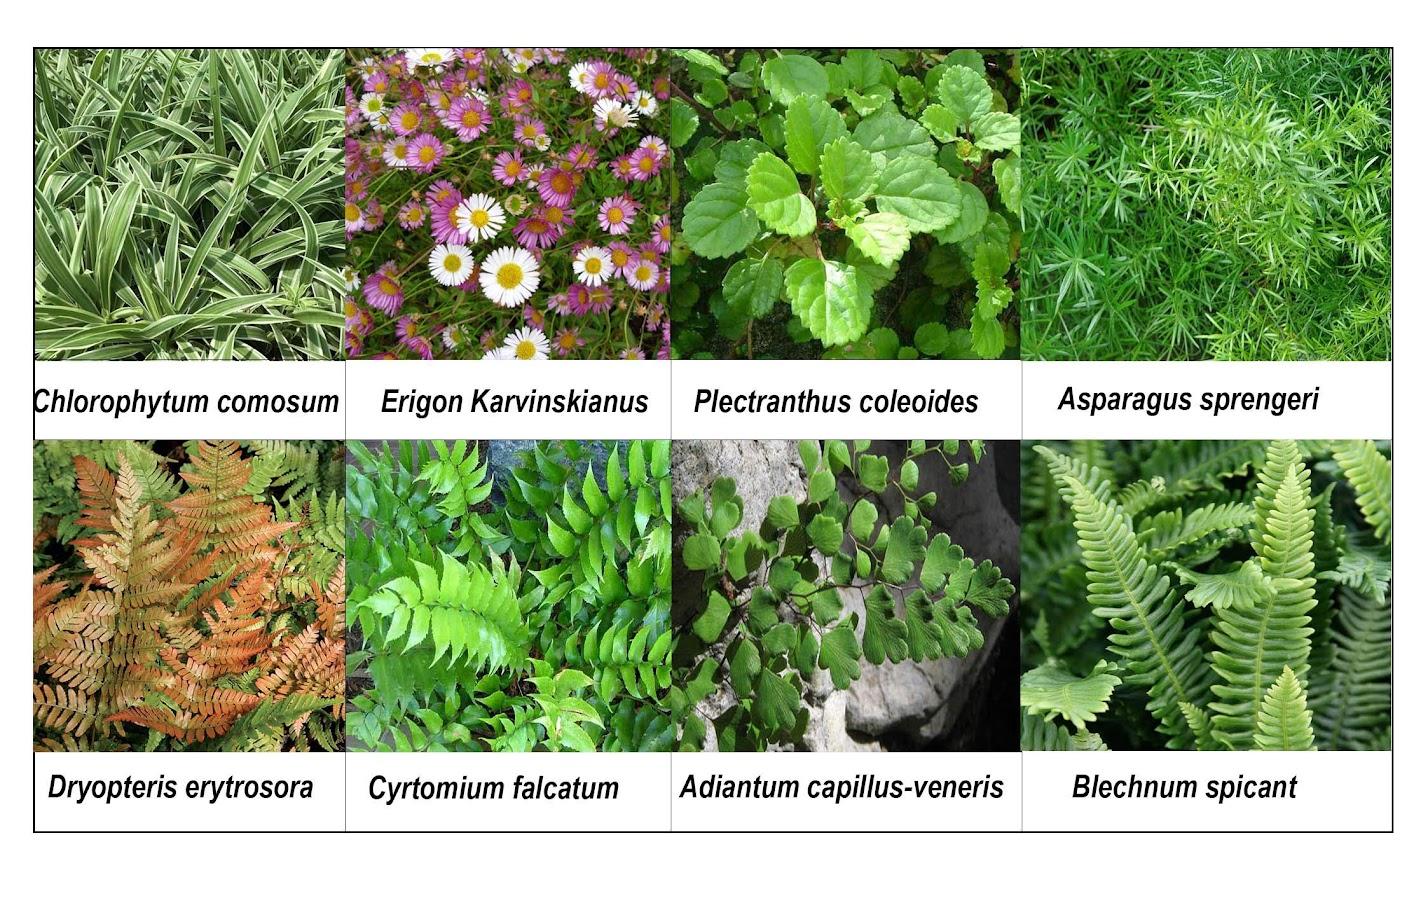 Especies colocadas en el jardín vertical